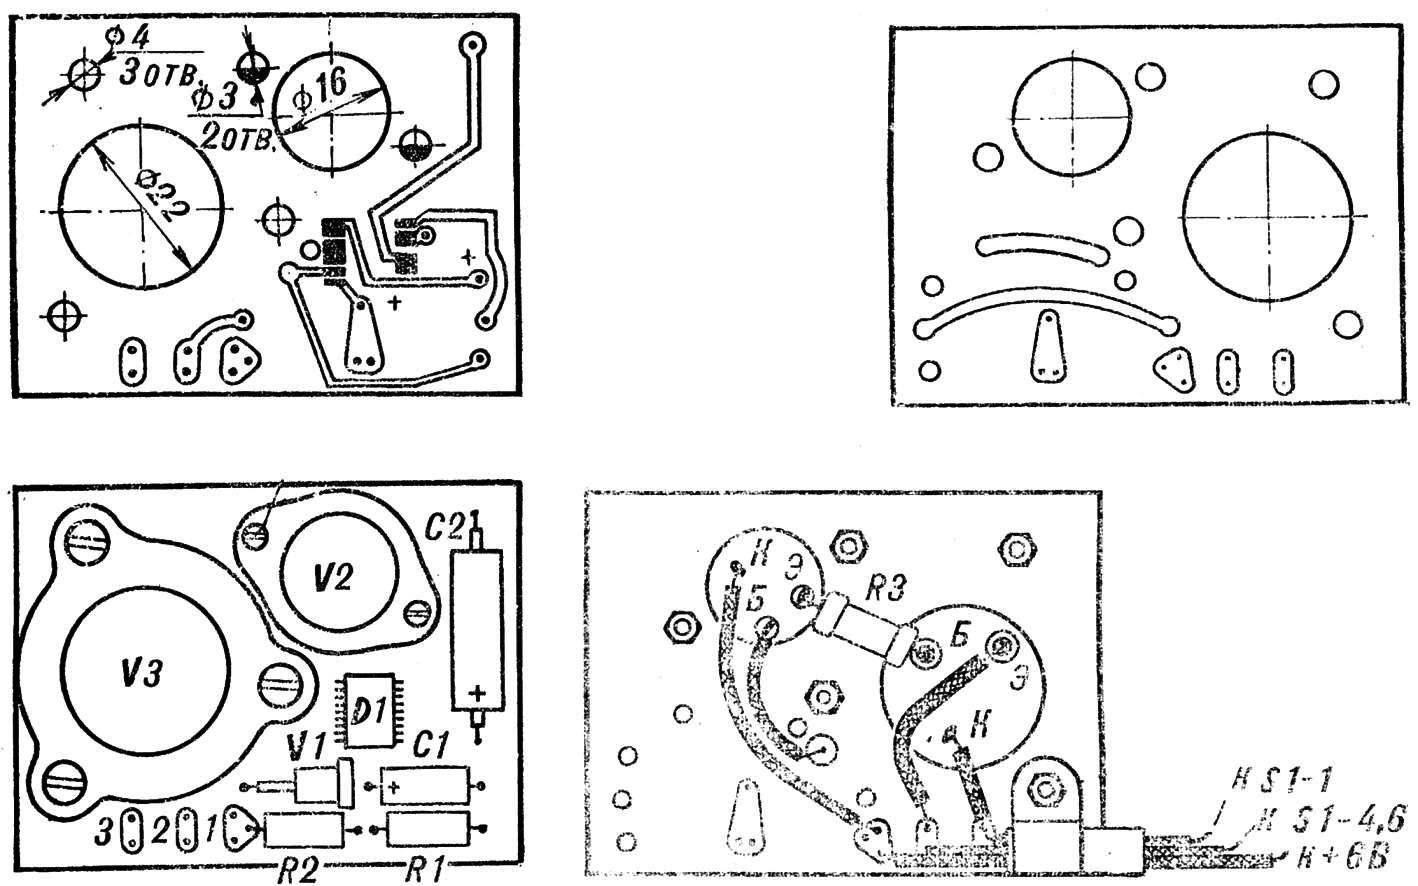 Р и с. 2. Печатная плата переключающего устройства с расположением деталей (вторым цветом плата показана с обратной стороны)